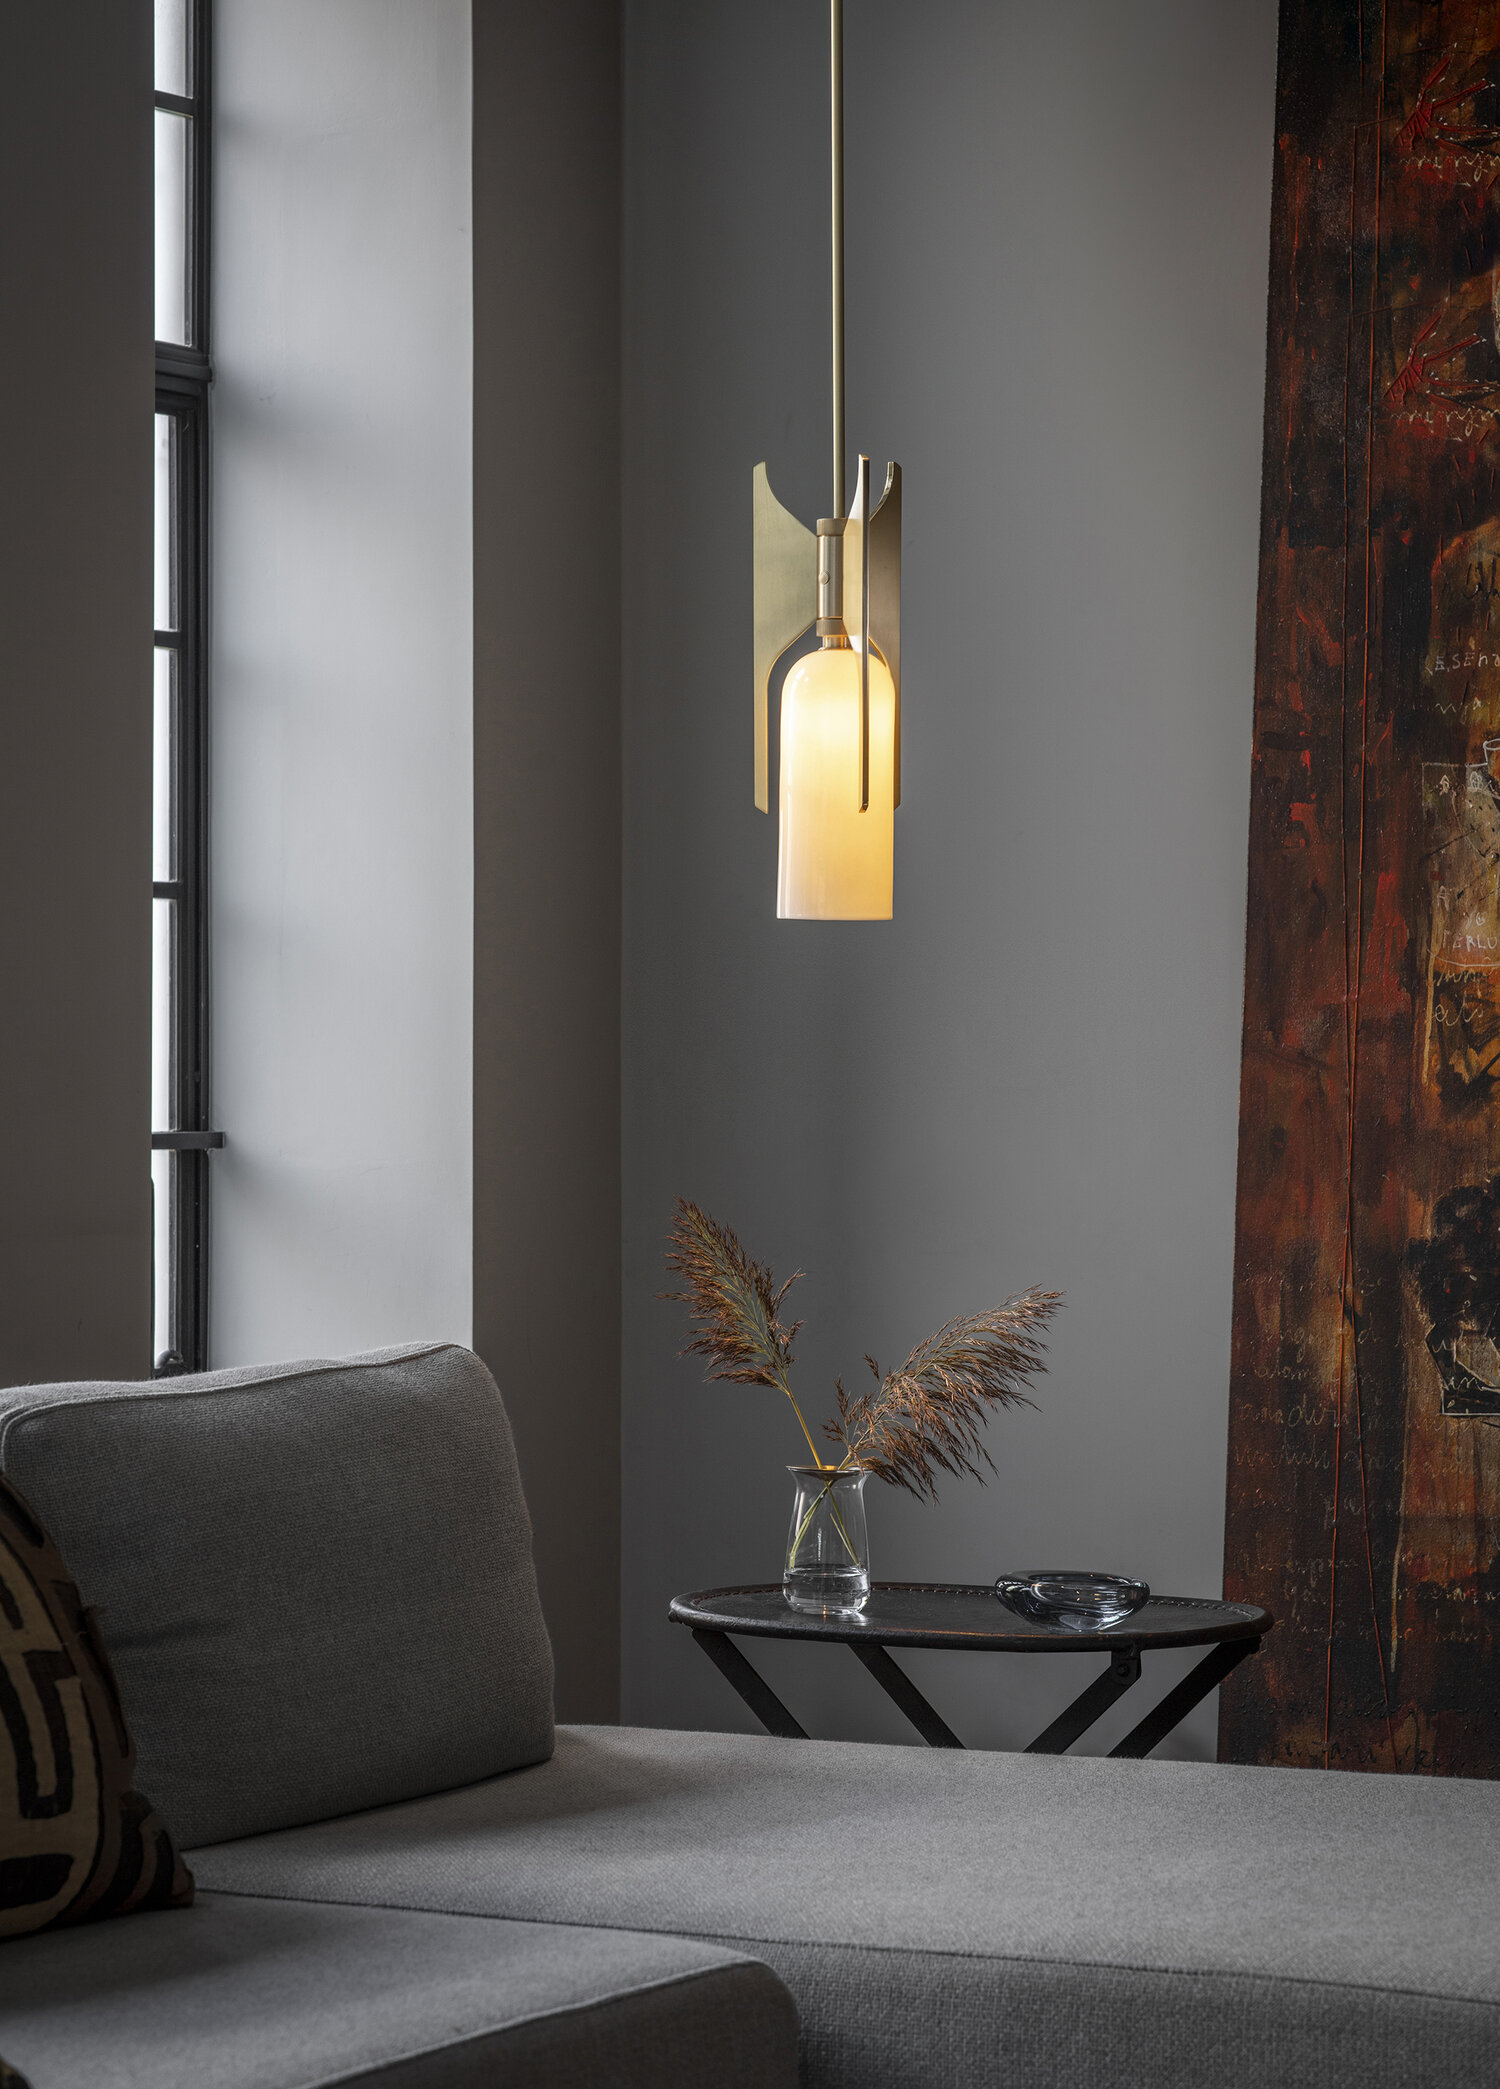 Bertfrank Подвесной светильник Pennon от английского бренда Bert Frank